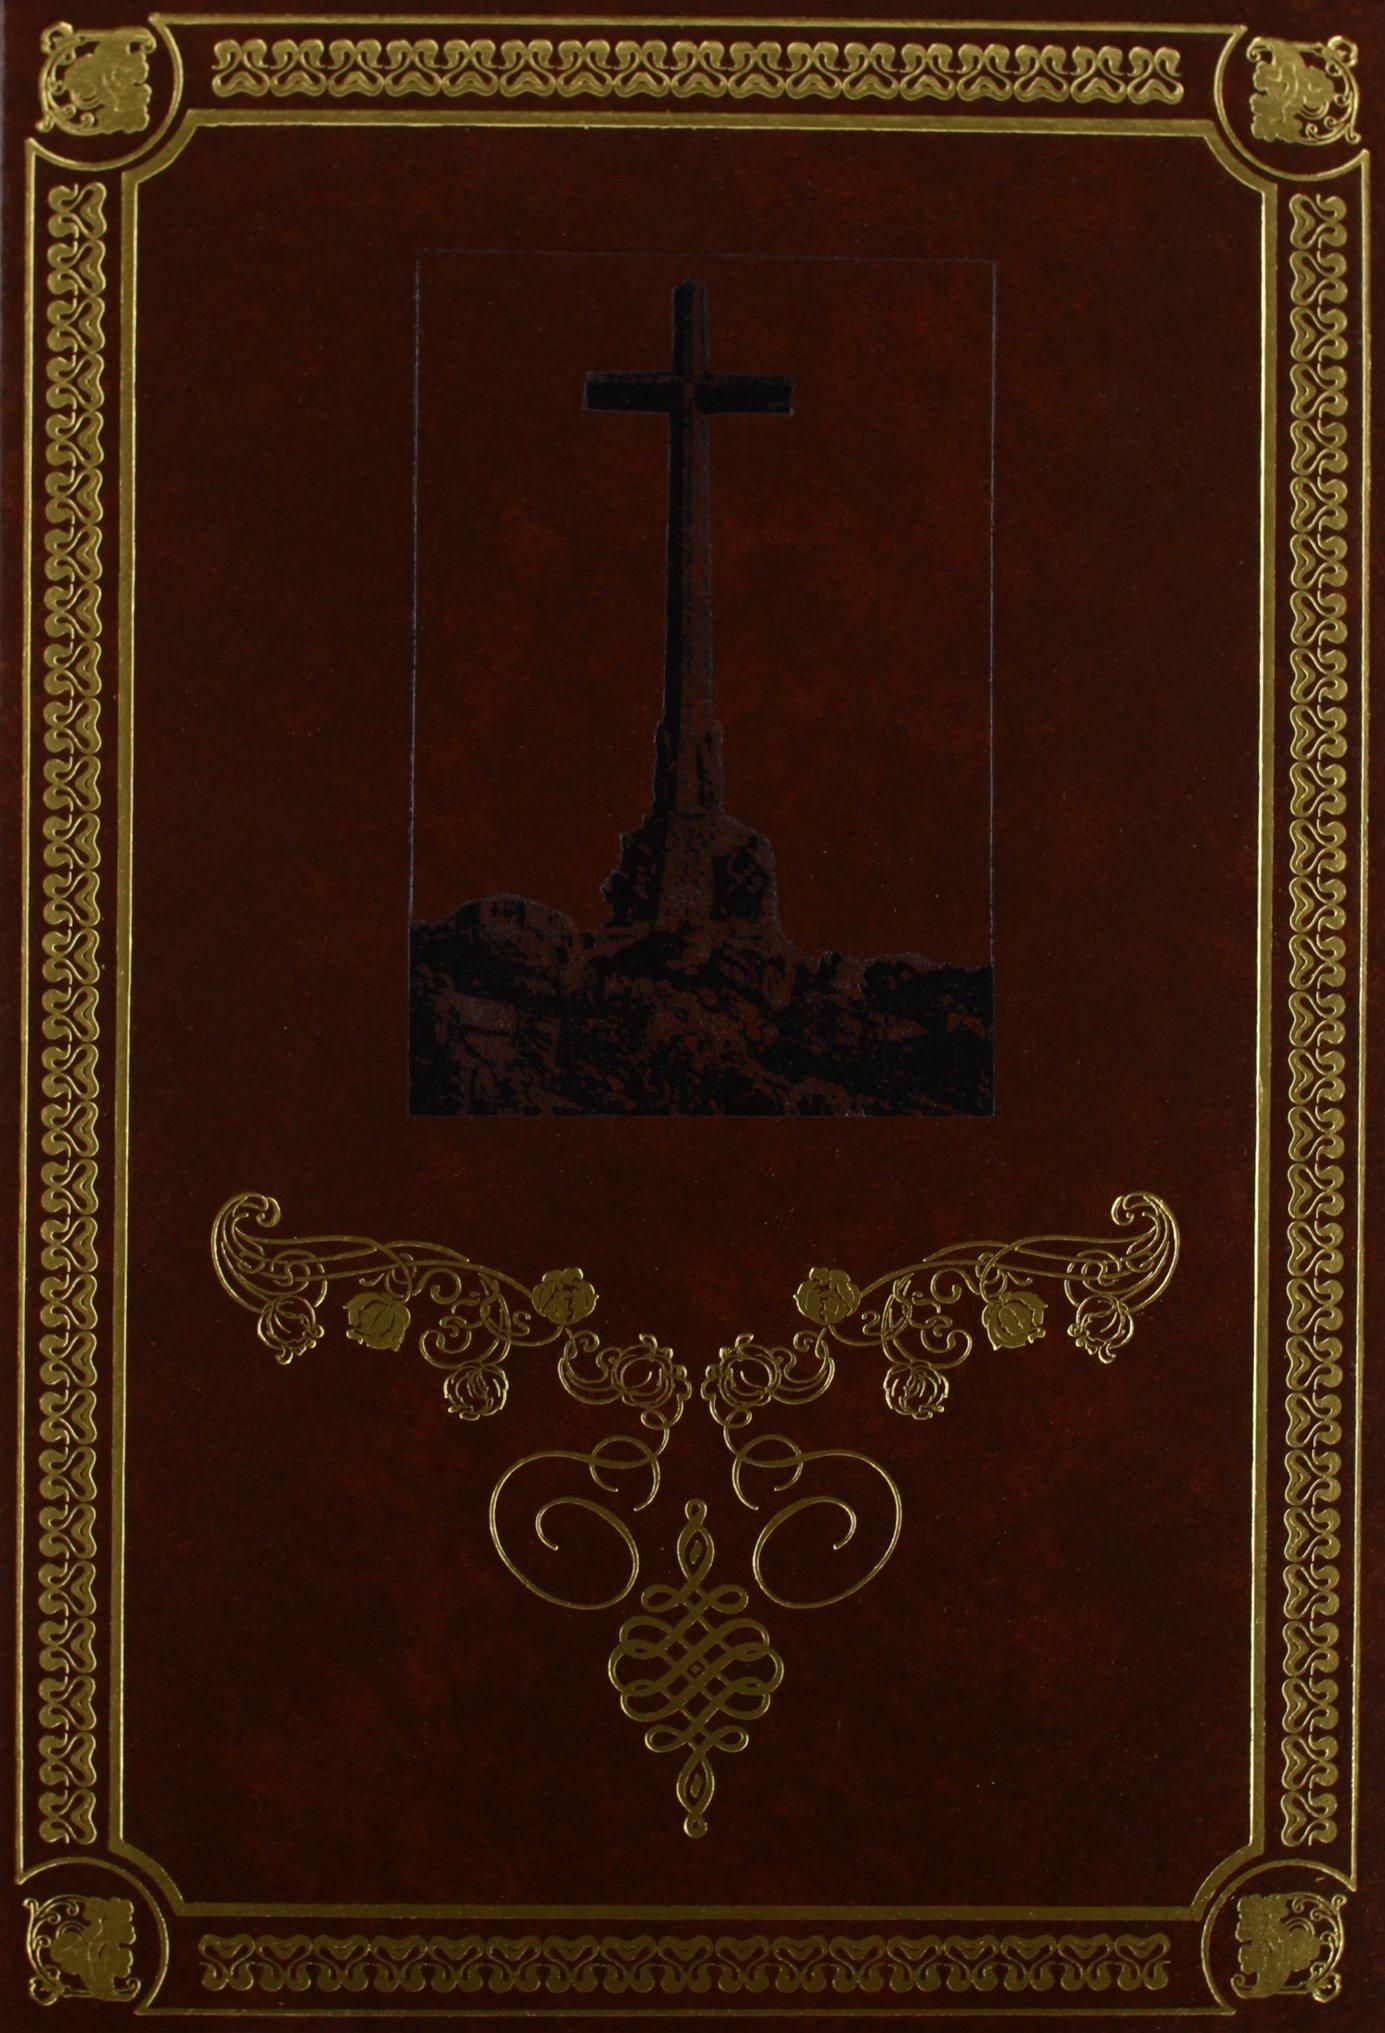 La época de Franco. Tomo XIX-1 Hª General de España y América: Amazon.es: Andrés-Gallego, José (Coord.): Libros